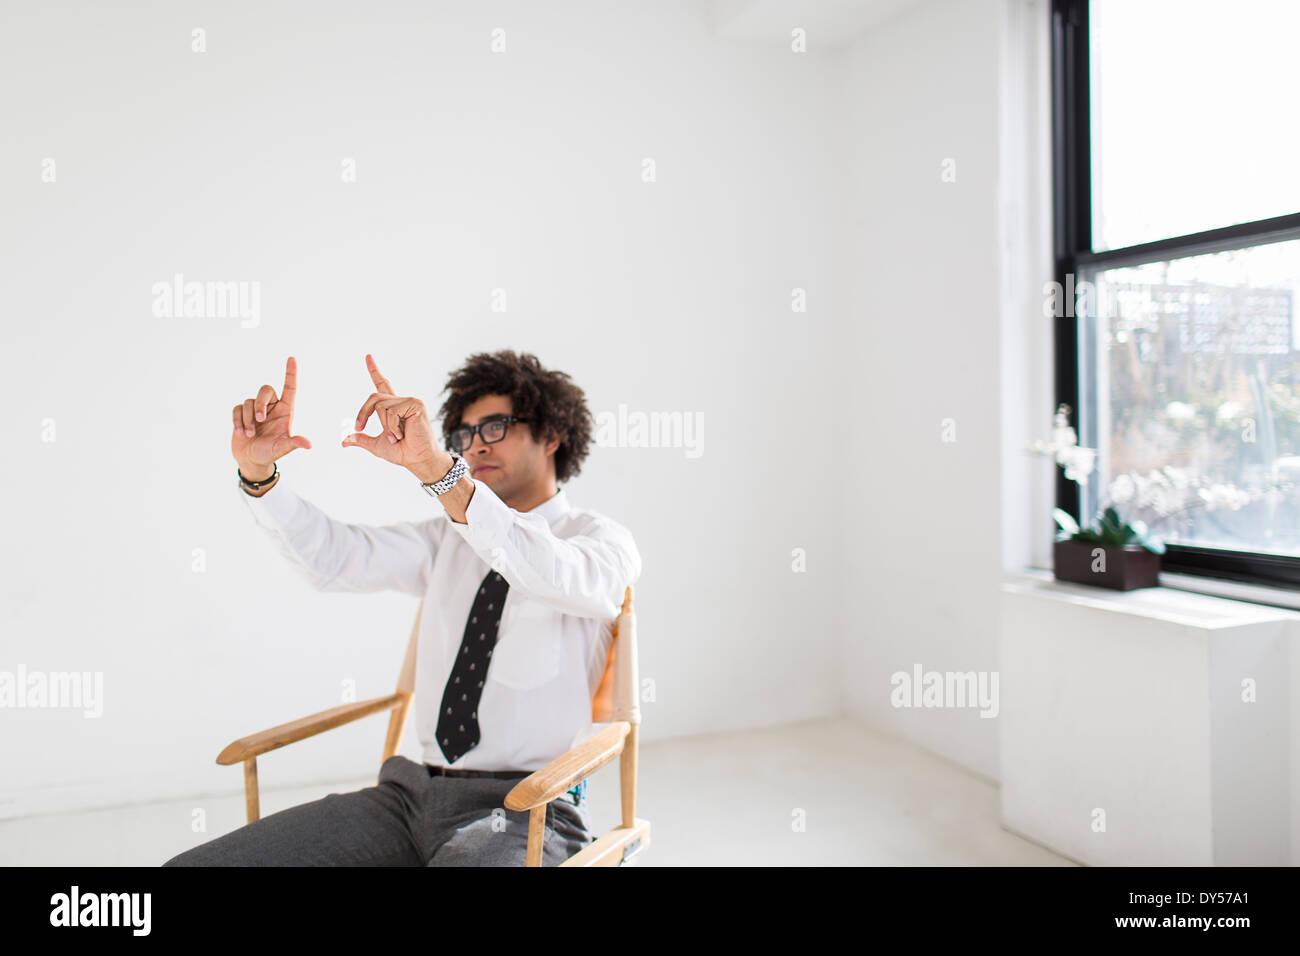 Junger Mann sitzend auf Stuhl macht Finger-frame Stockbild